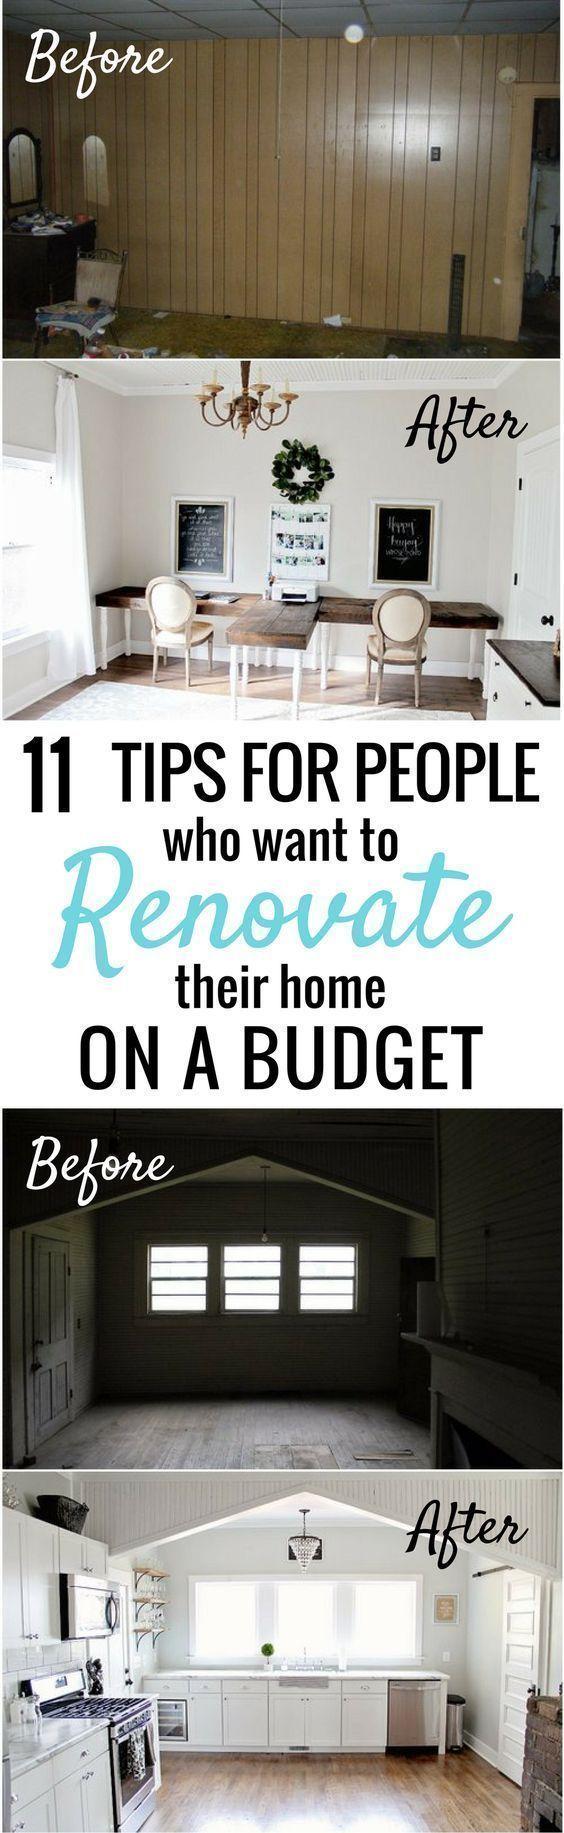 Ein einfaches küchendesign home design ideas home decorating ideas for cheap home decorating